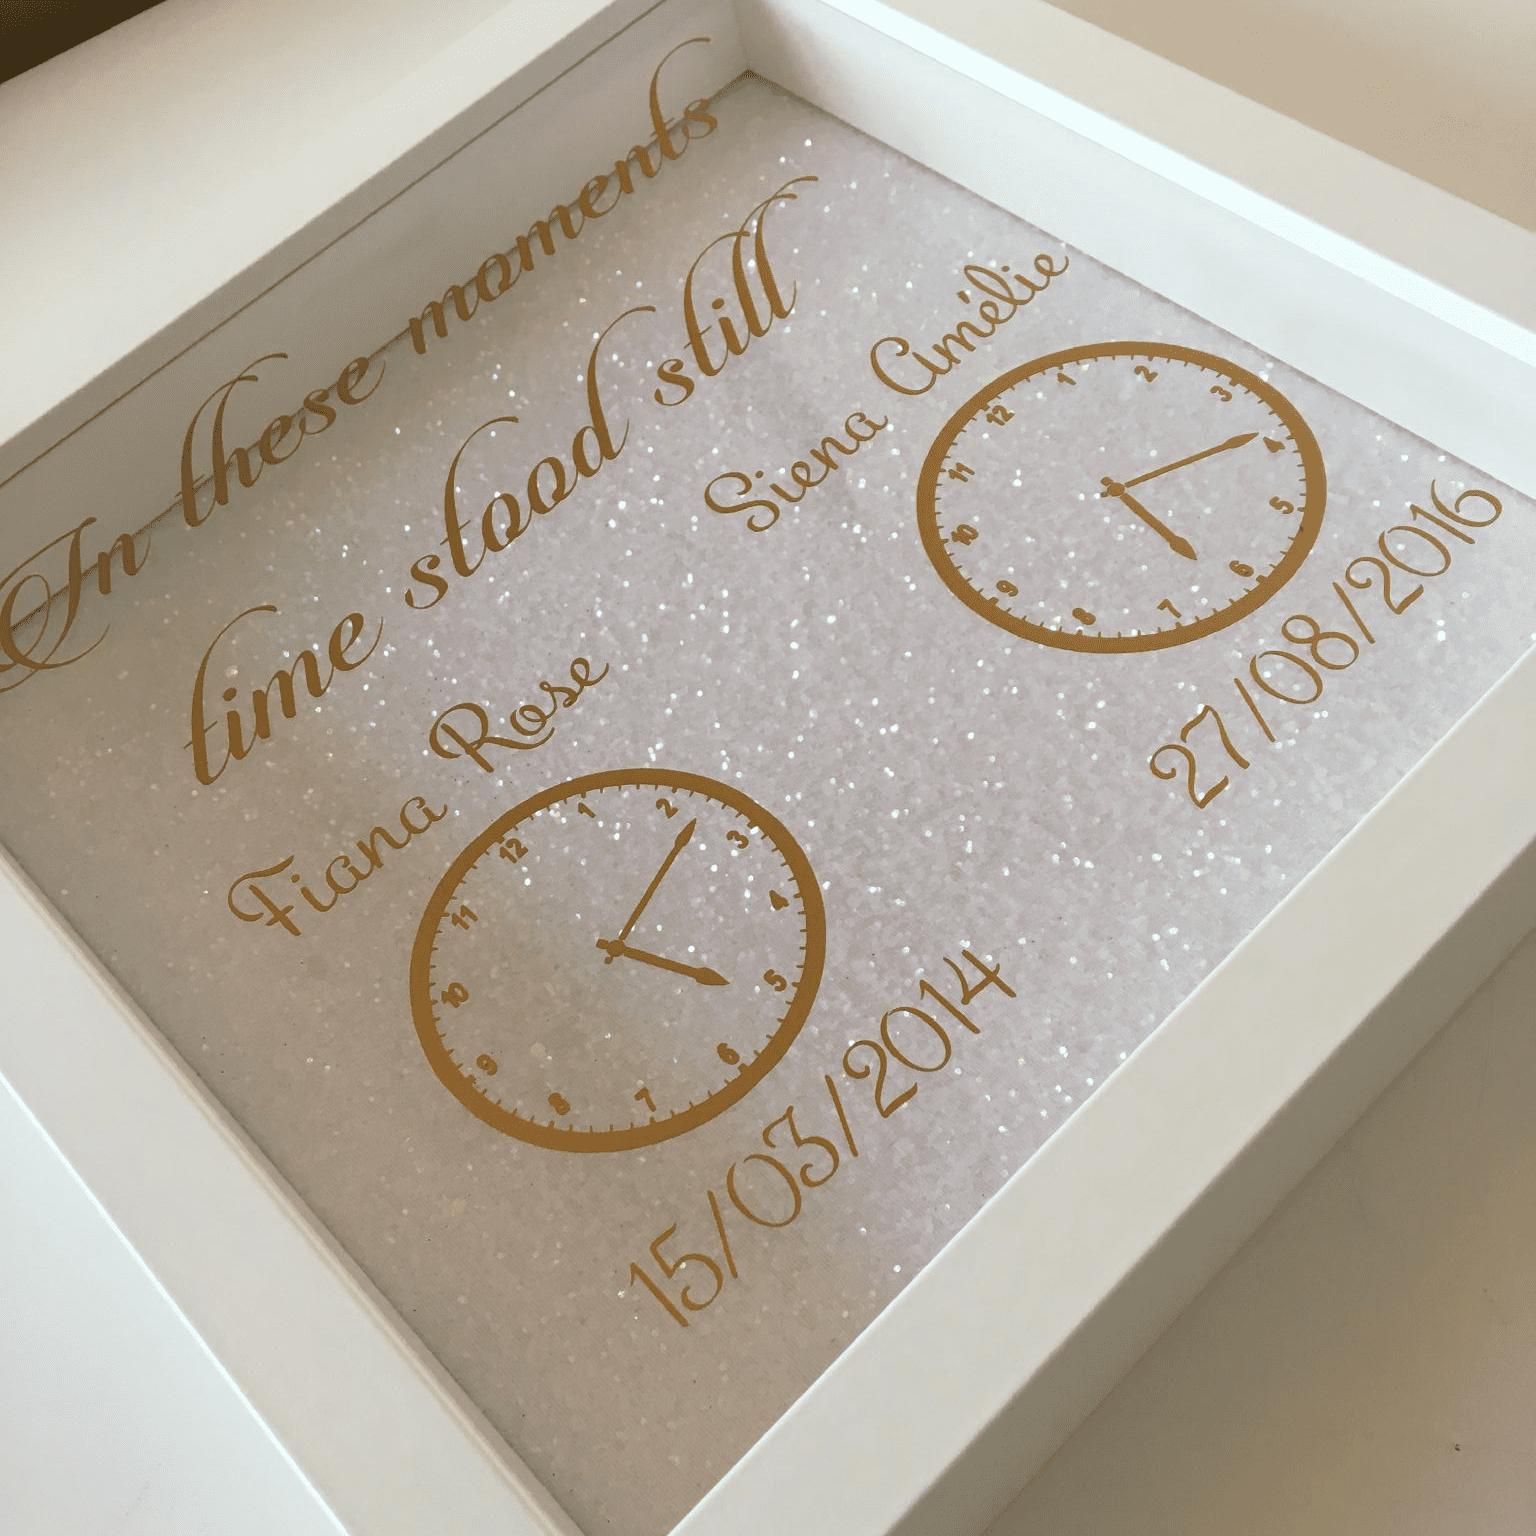 floating-time-stood-still-clock-design-[4]-10019-p.png